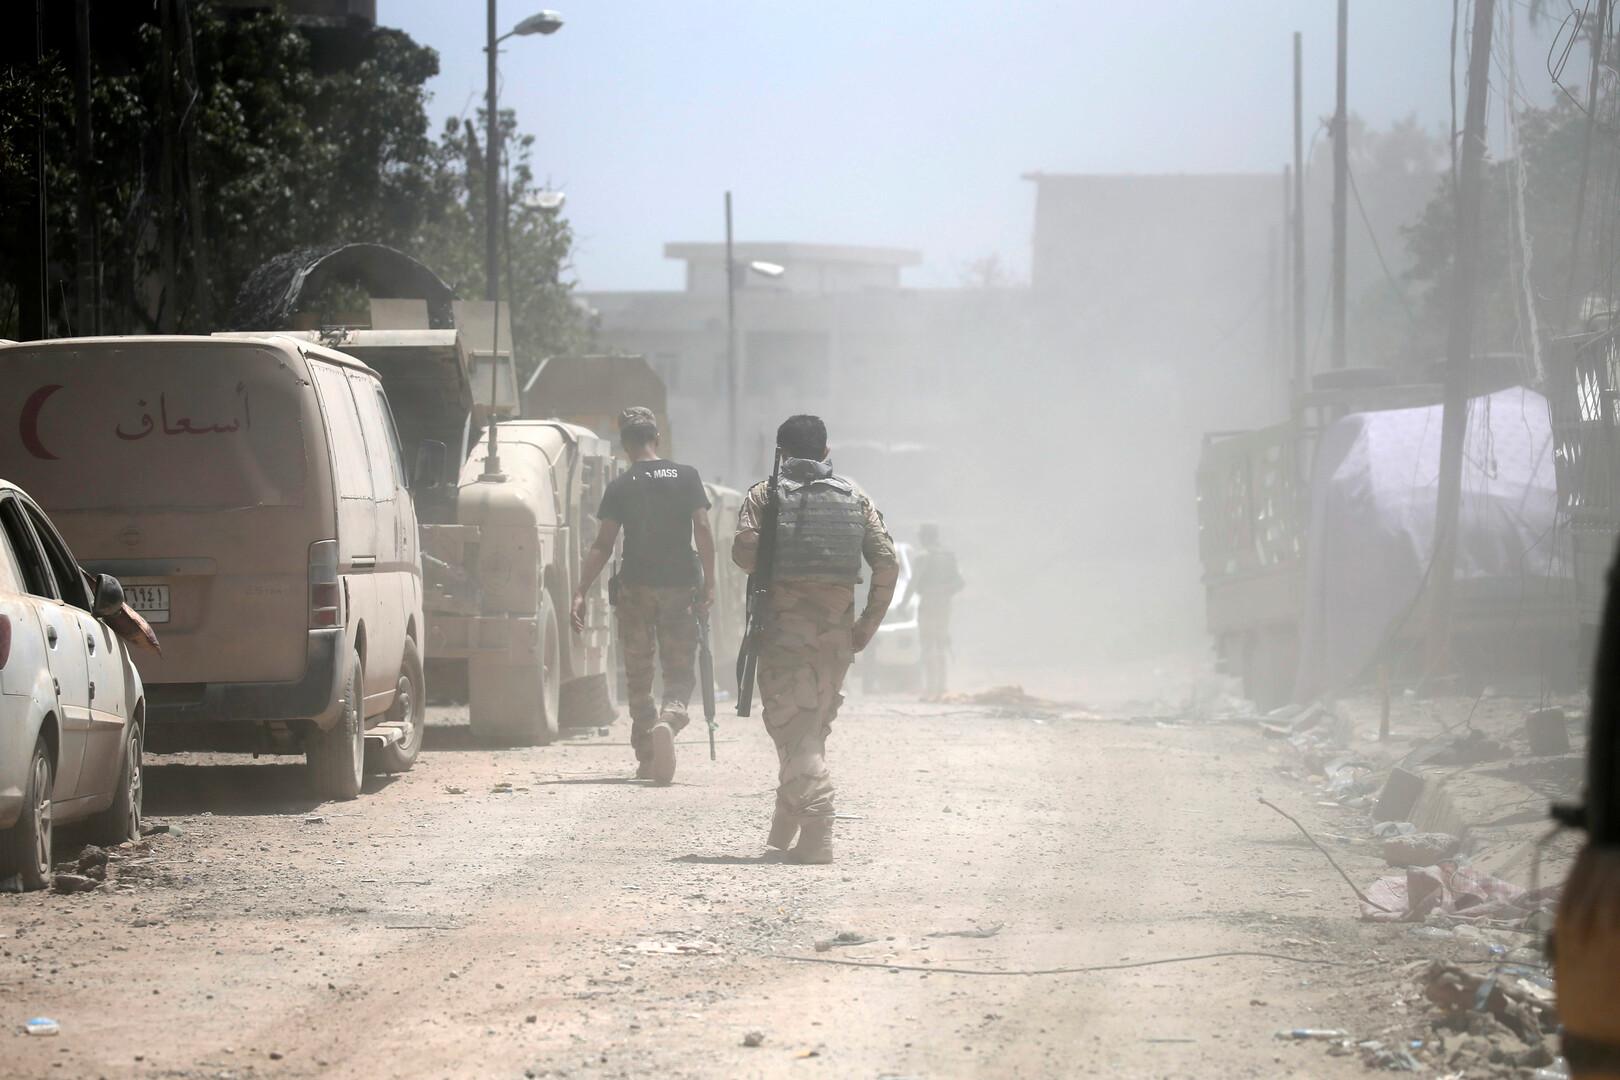 برلماني كردي يتهم الجيش العراقي والحشد بمحاولة اغتياله